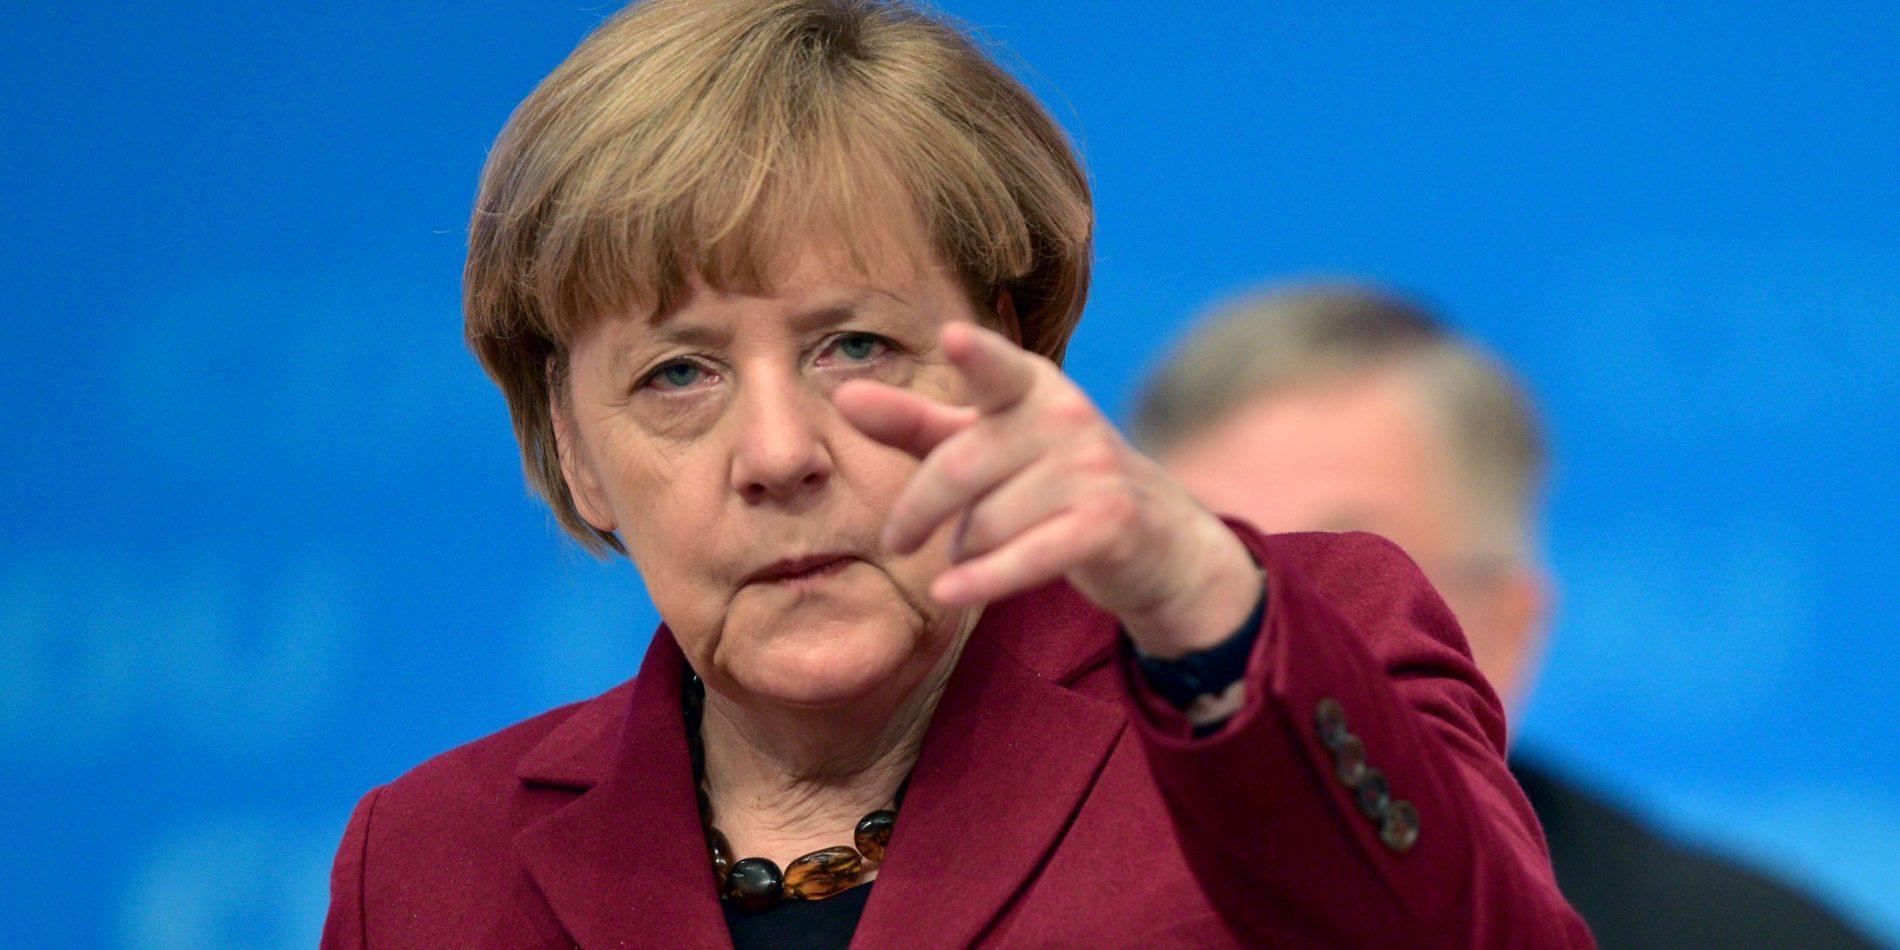 Angela Merkel é eleita para quarto mandato como chanceler da Alemanha